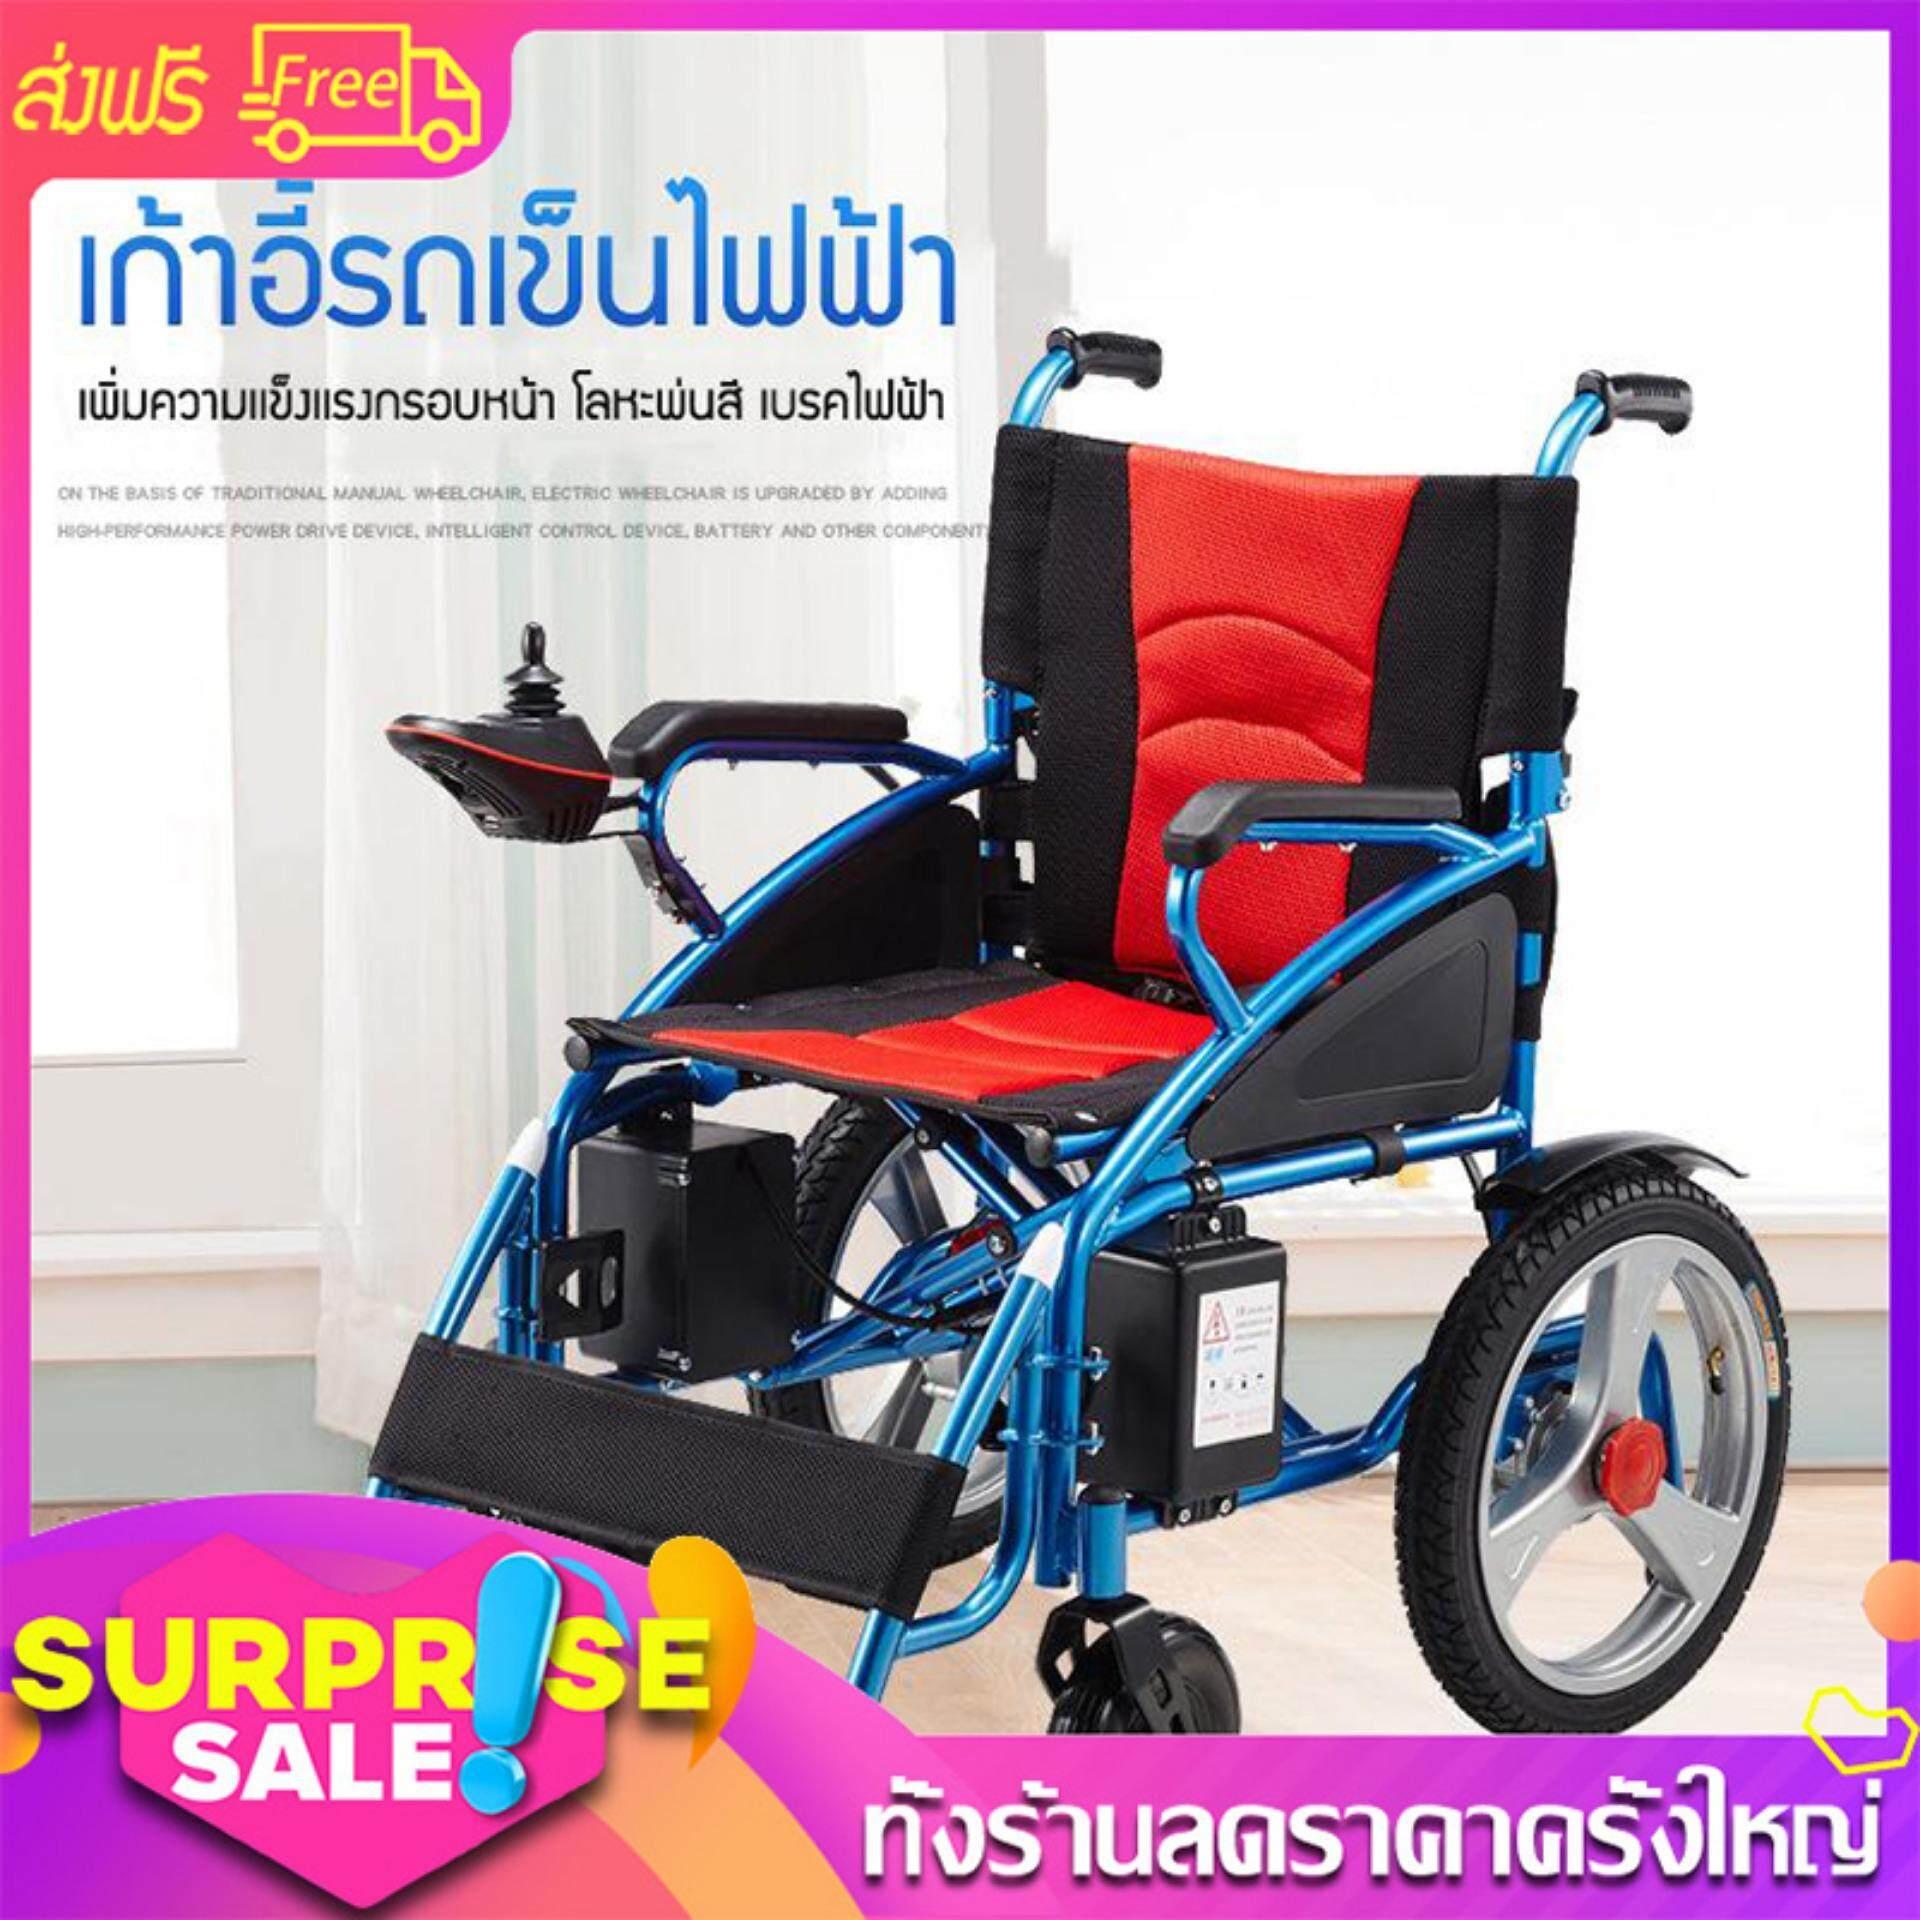 เก็บเงินปลายทางได้ เก้าอี้รถเข็นไฟฟ้า Wheelchair รถเข็นผู้ป่วย รถเข็นผู้สูงอายุ มือคอนโทรลได้ มีเบรคมือ ล้อหนา แข็งเเรง ปลอดภัย แบต2ก้อน beauti house